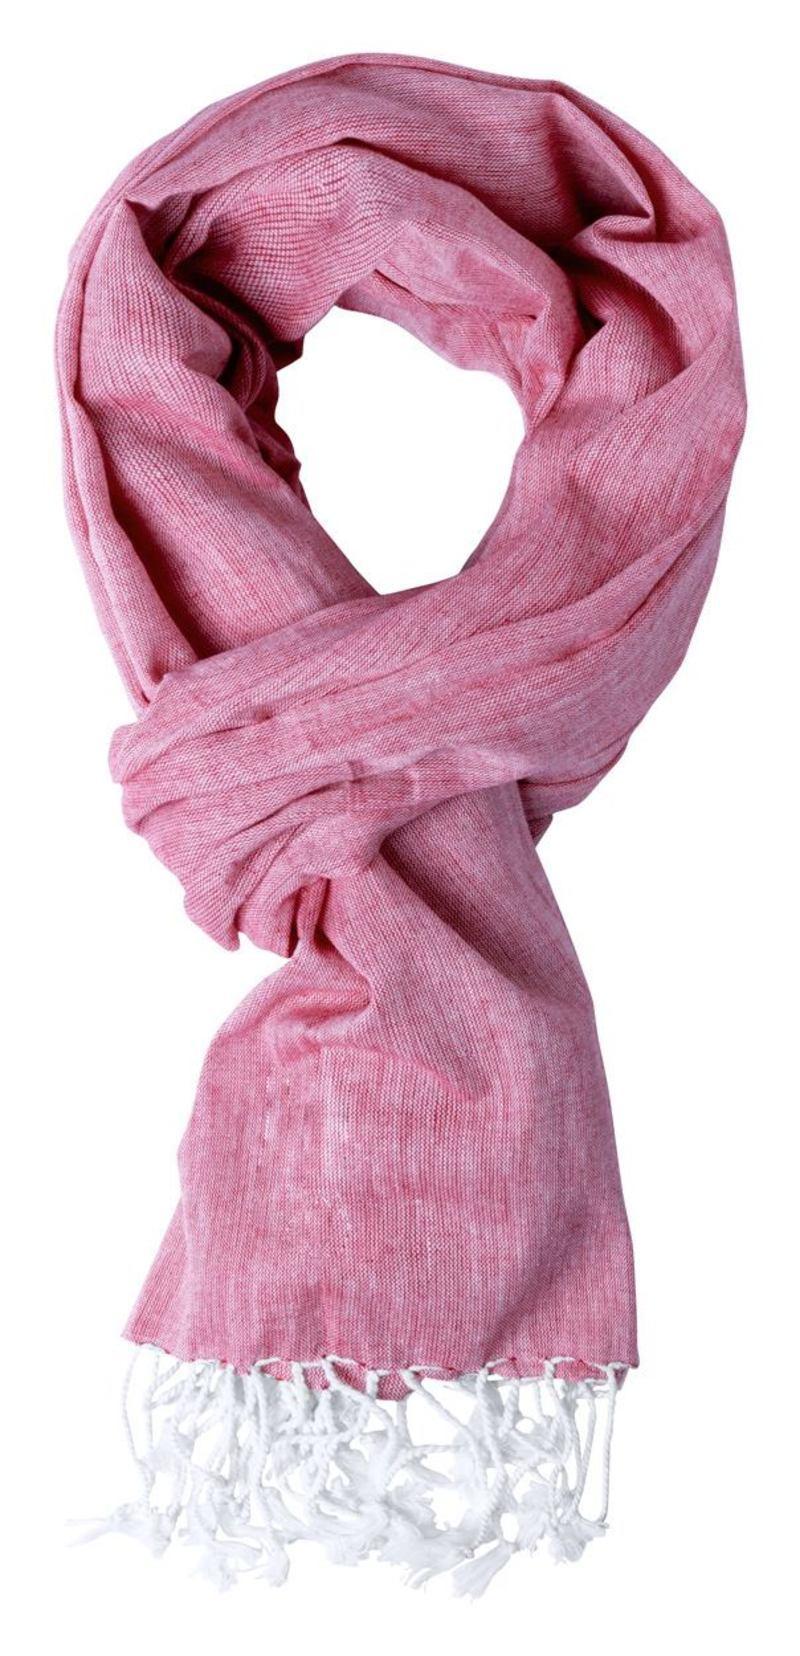 Yanex towel